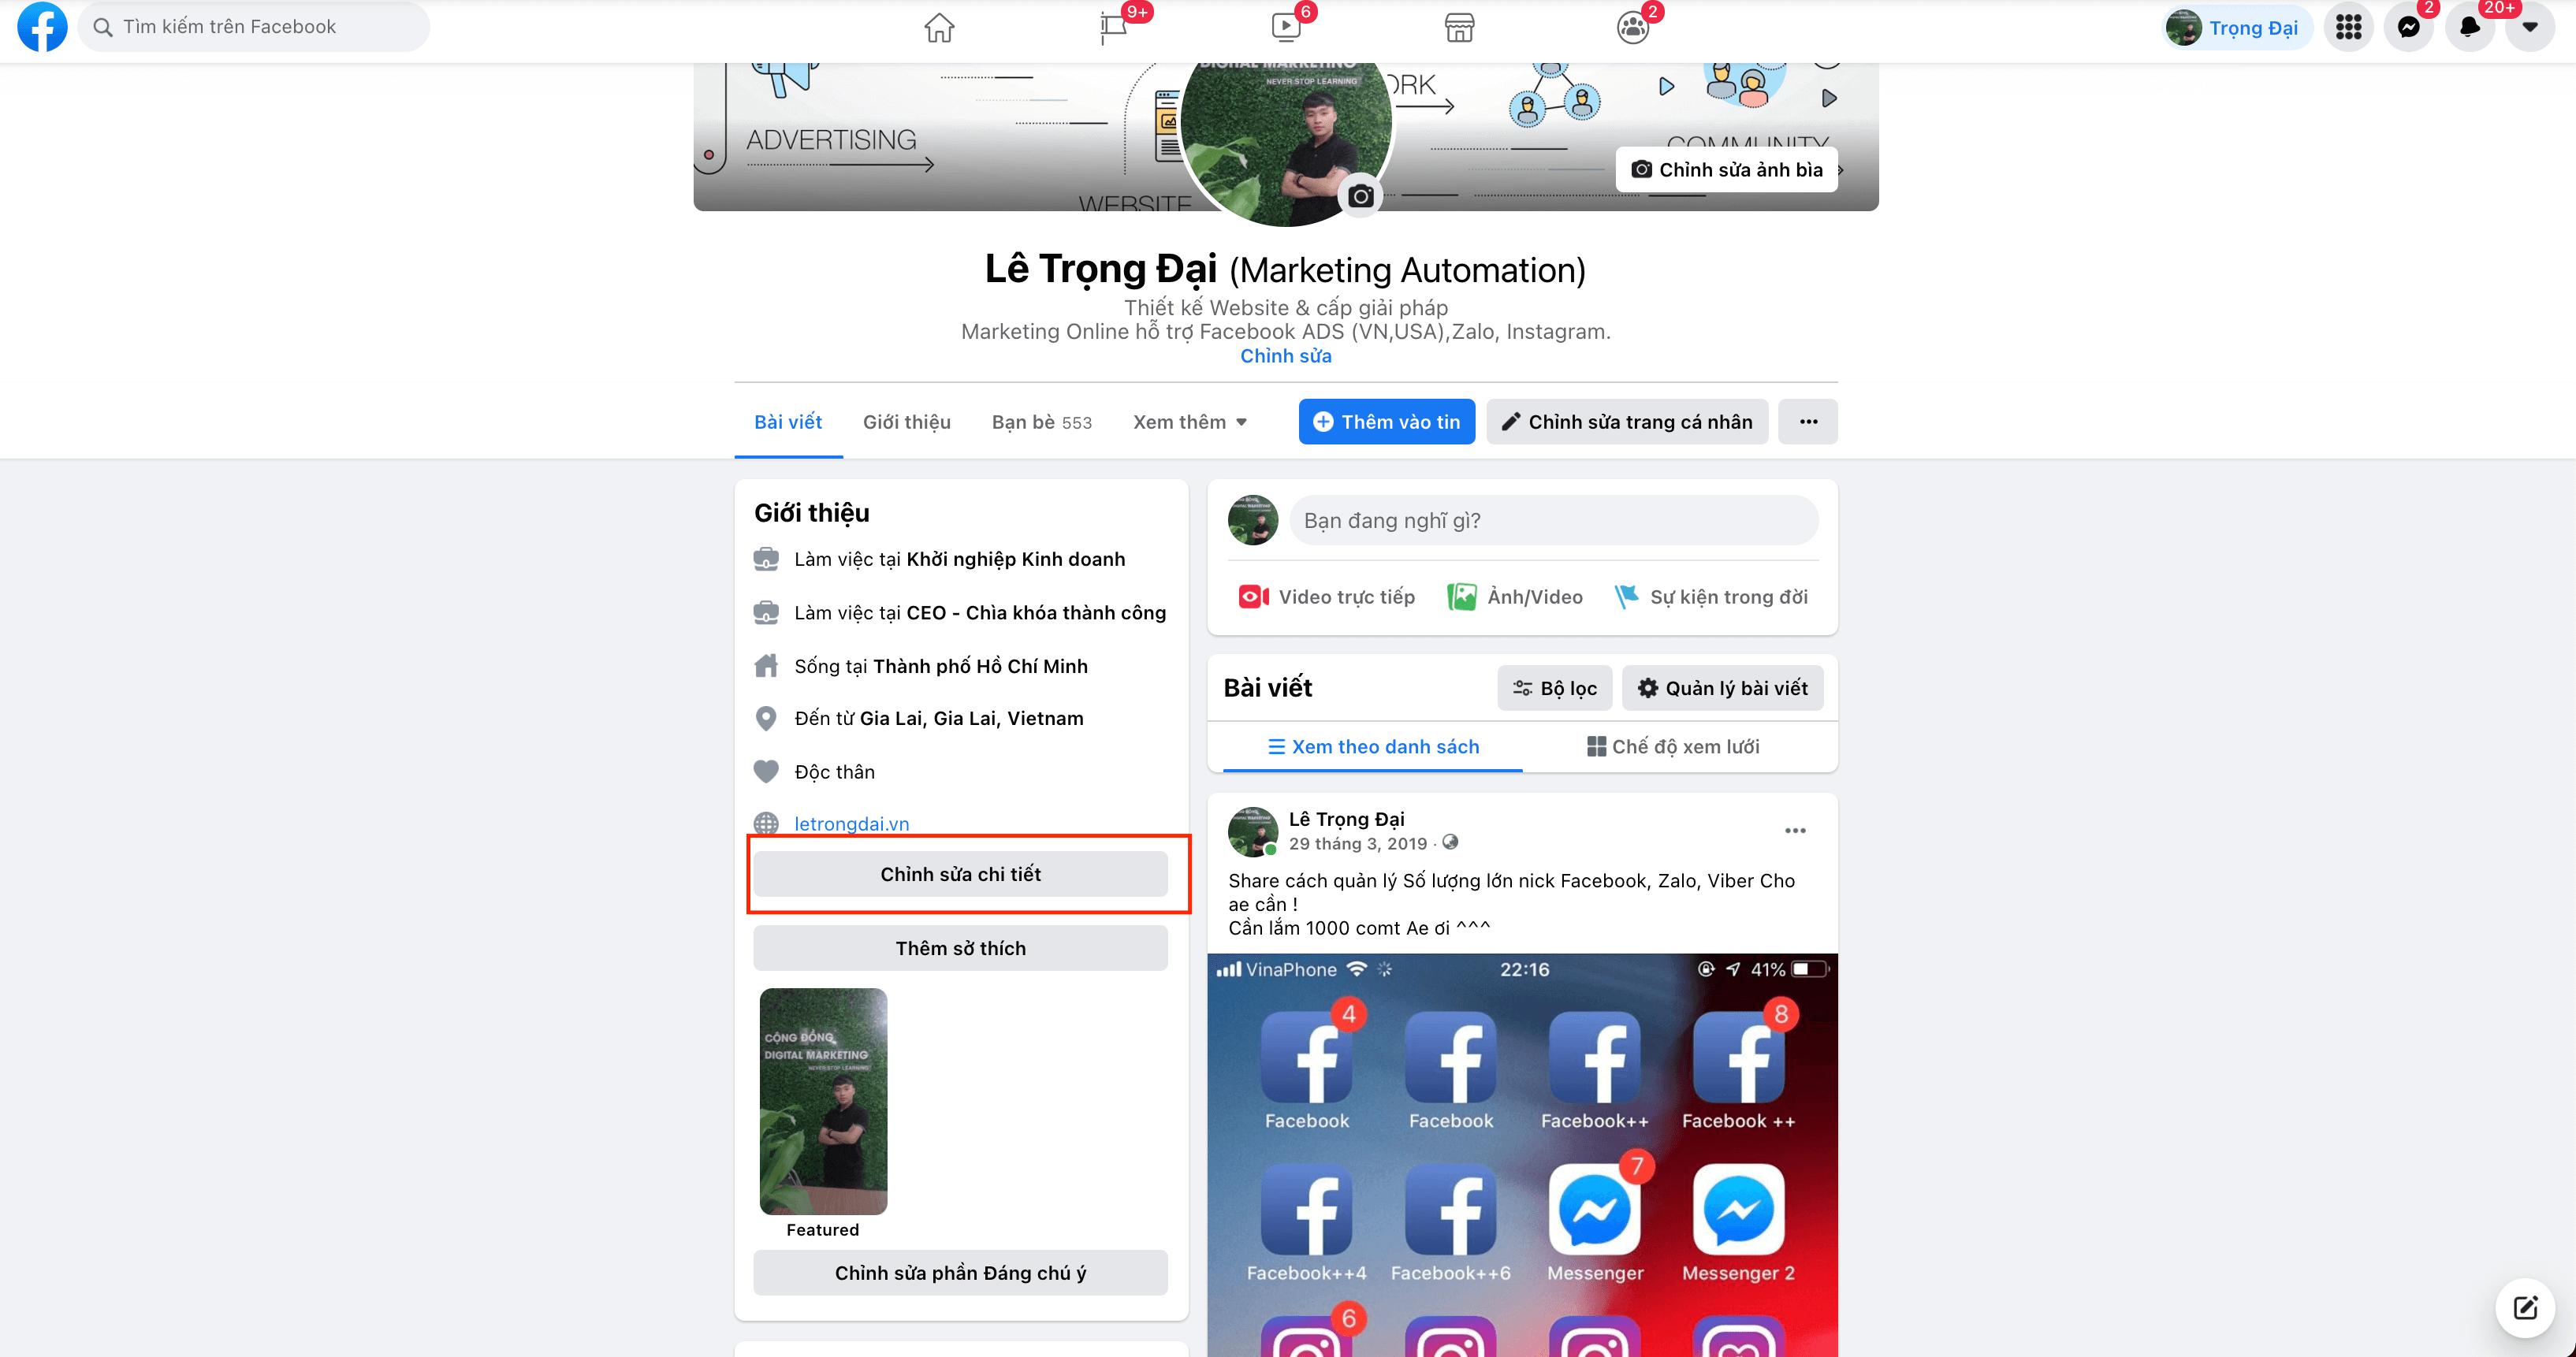 Cách làm hiển thị số người, lượt theo dõi trên Facebook cá nhân